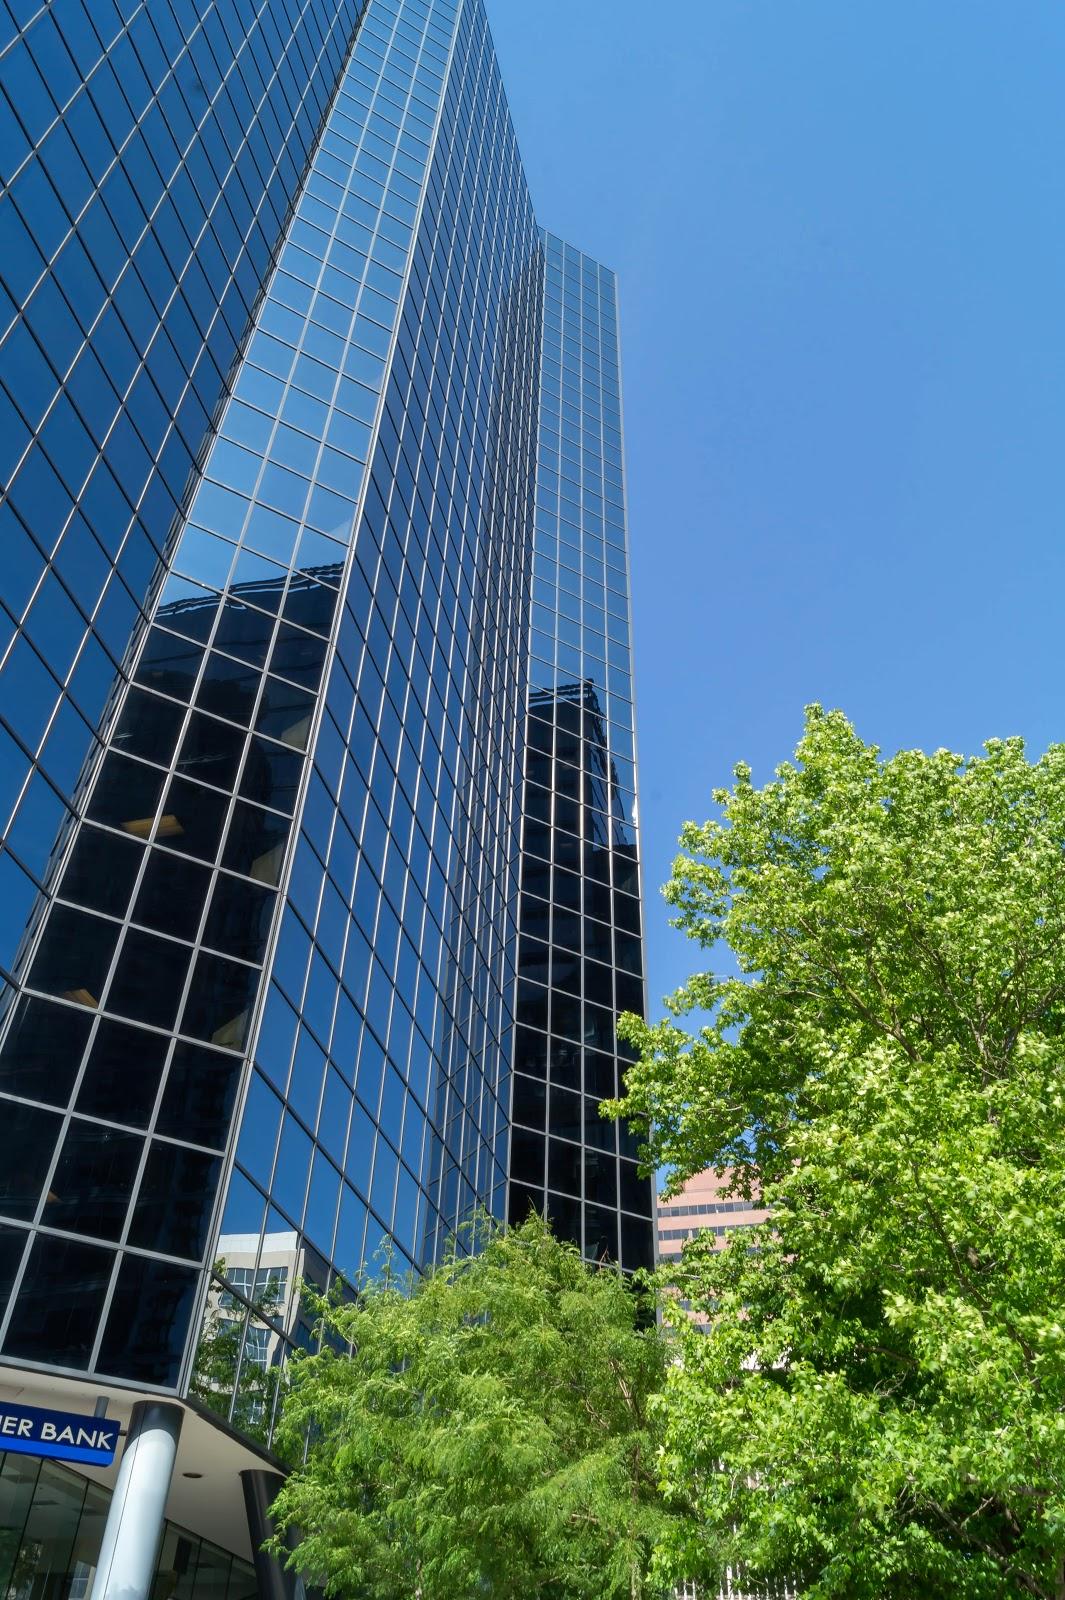 А блестящие небоскрёбы тянуться ввысь. И даже не верится, что Бельвю получил статус города каких-то 60 лет назад.